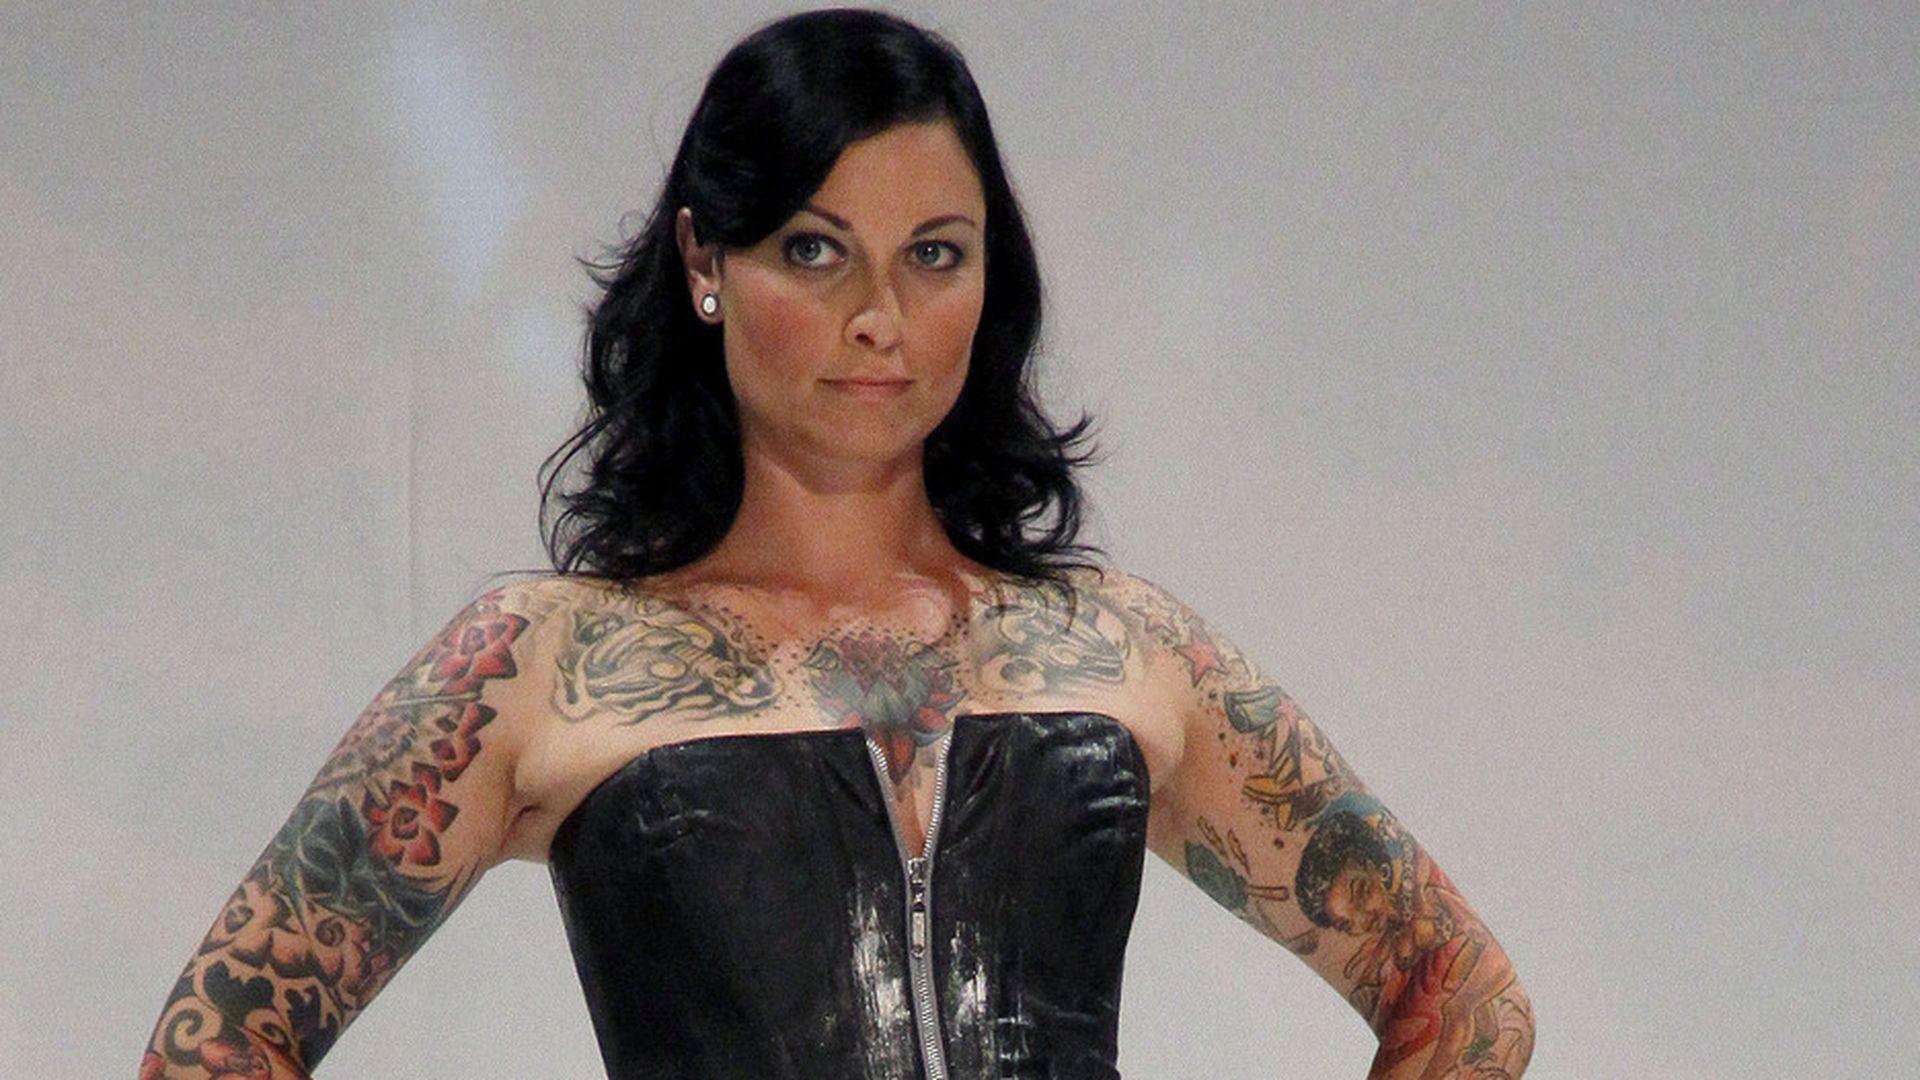 Lina van de Mars: Vom Spontan-Tattoo zum Kunstwerk